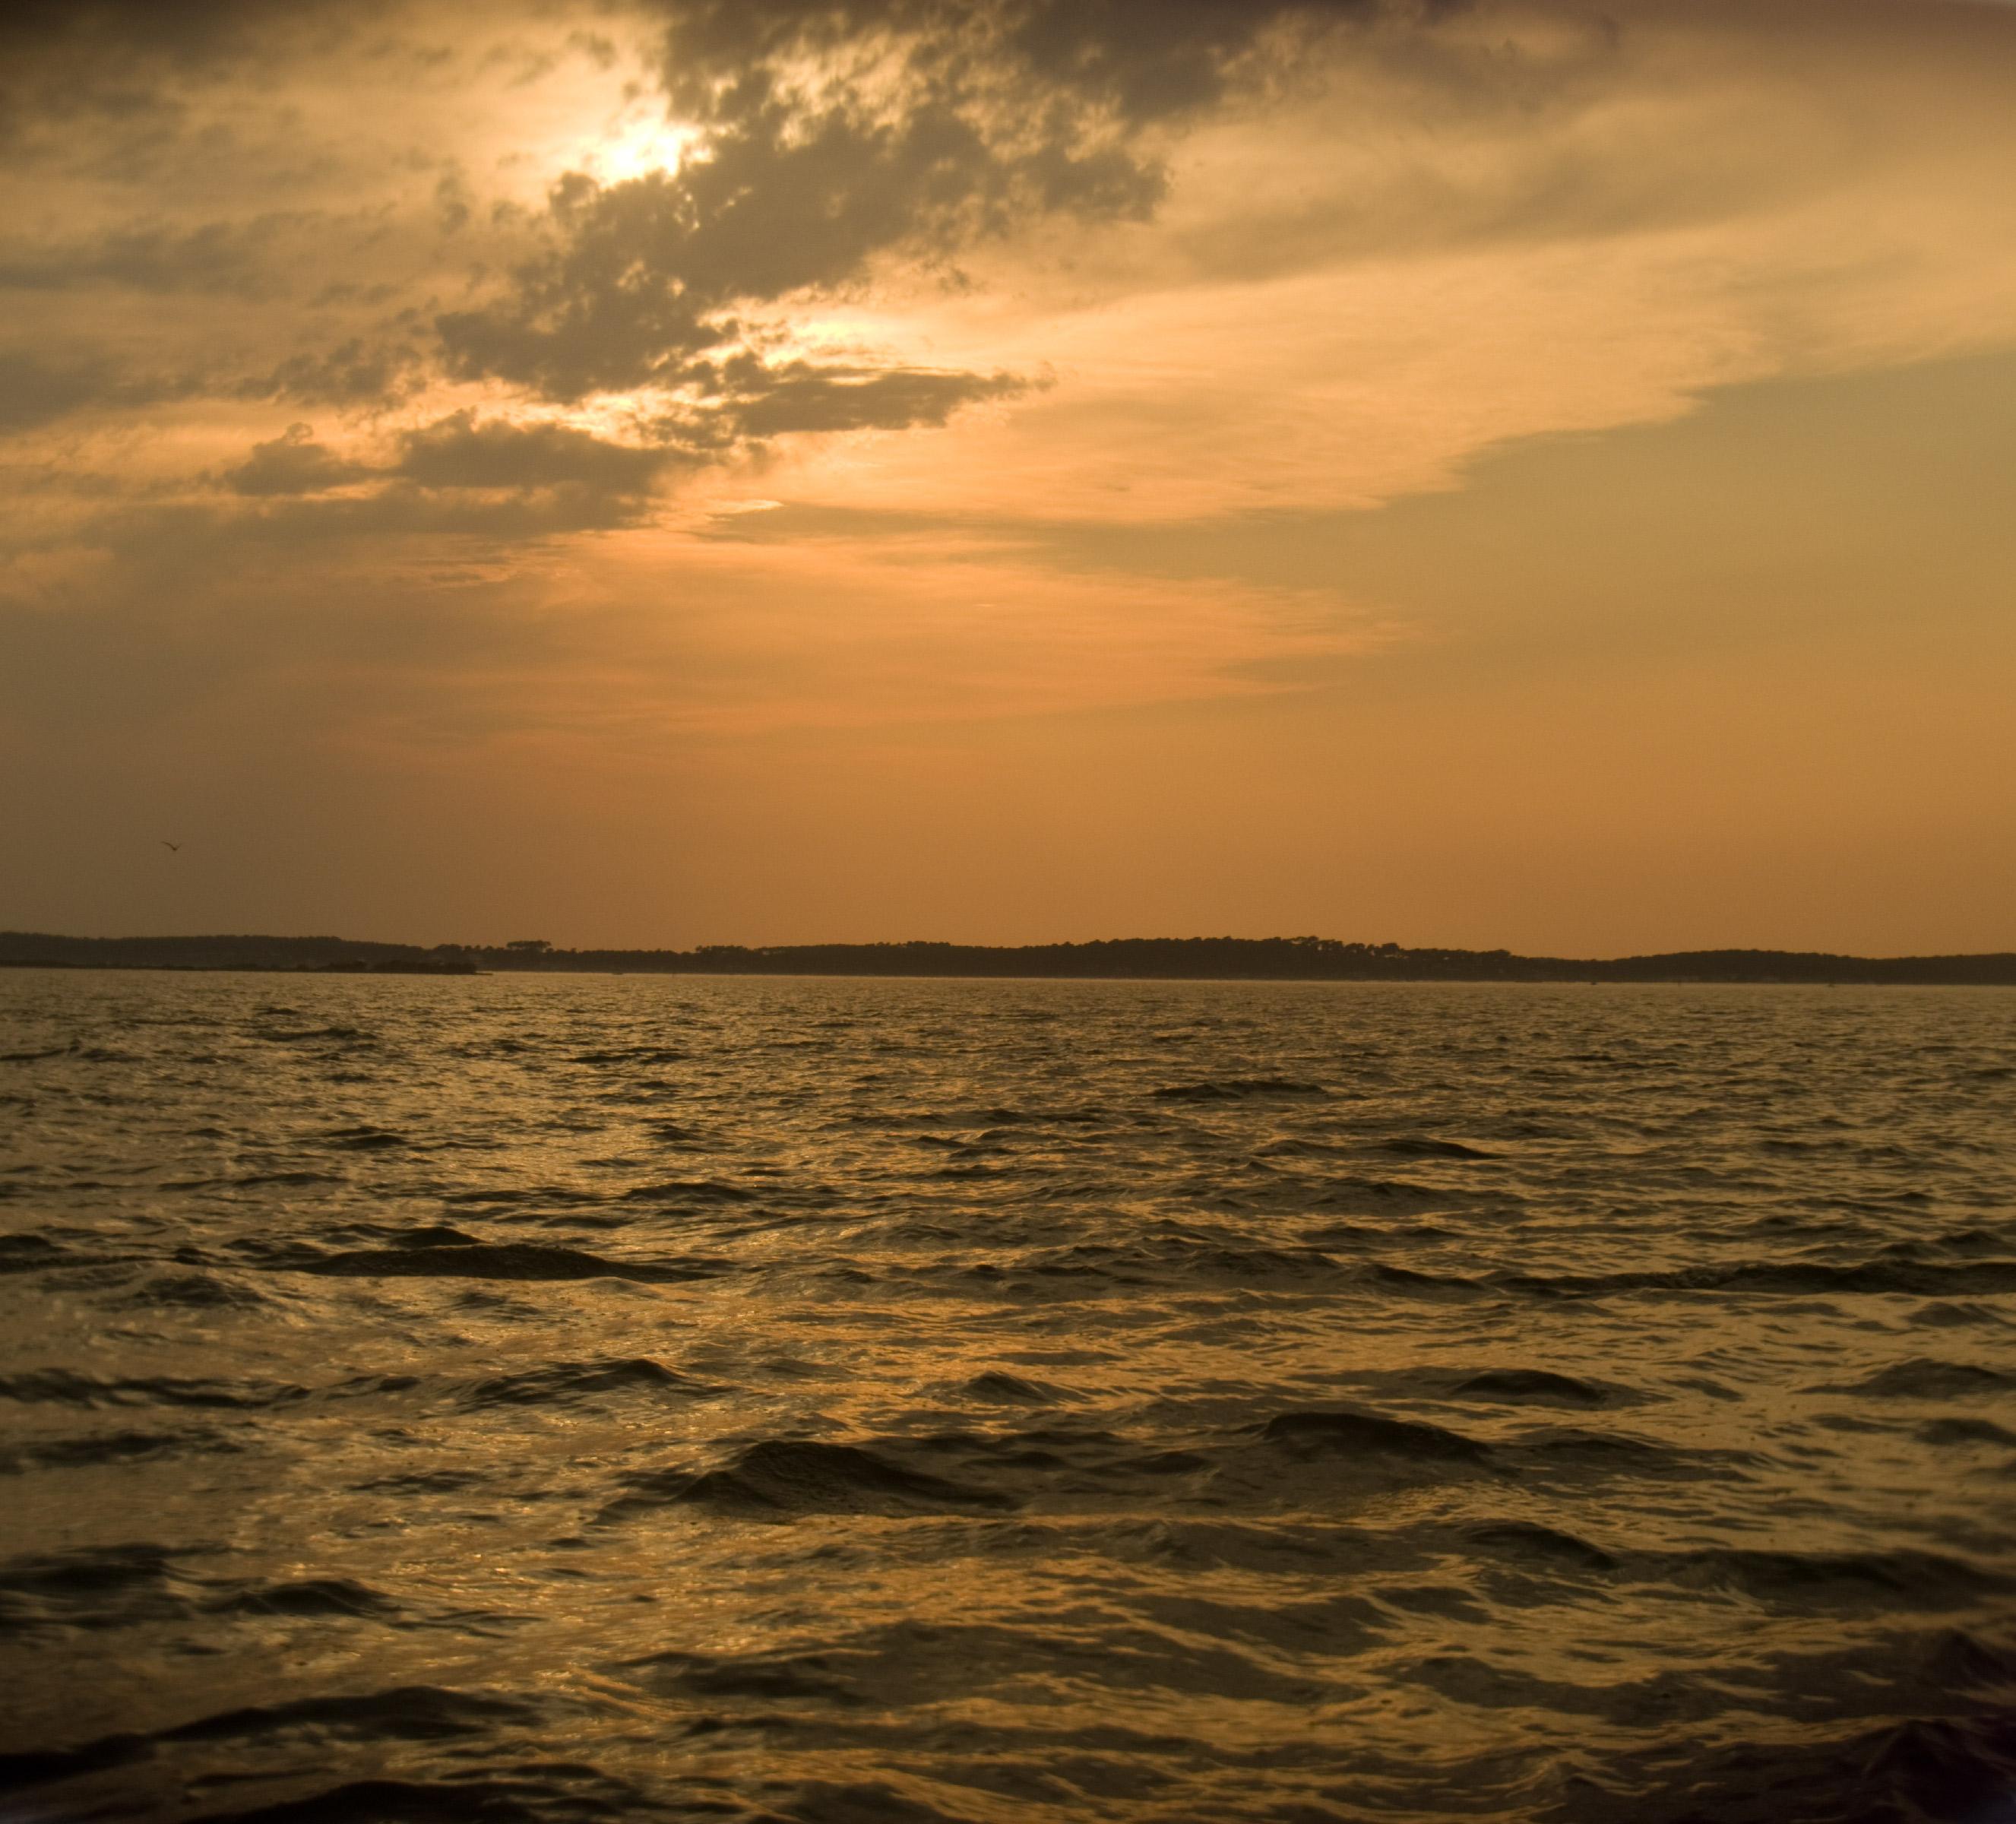 Balade en bateau sur l'île aux oiseaux